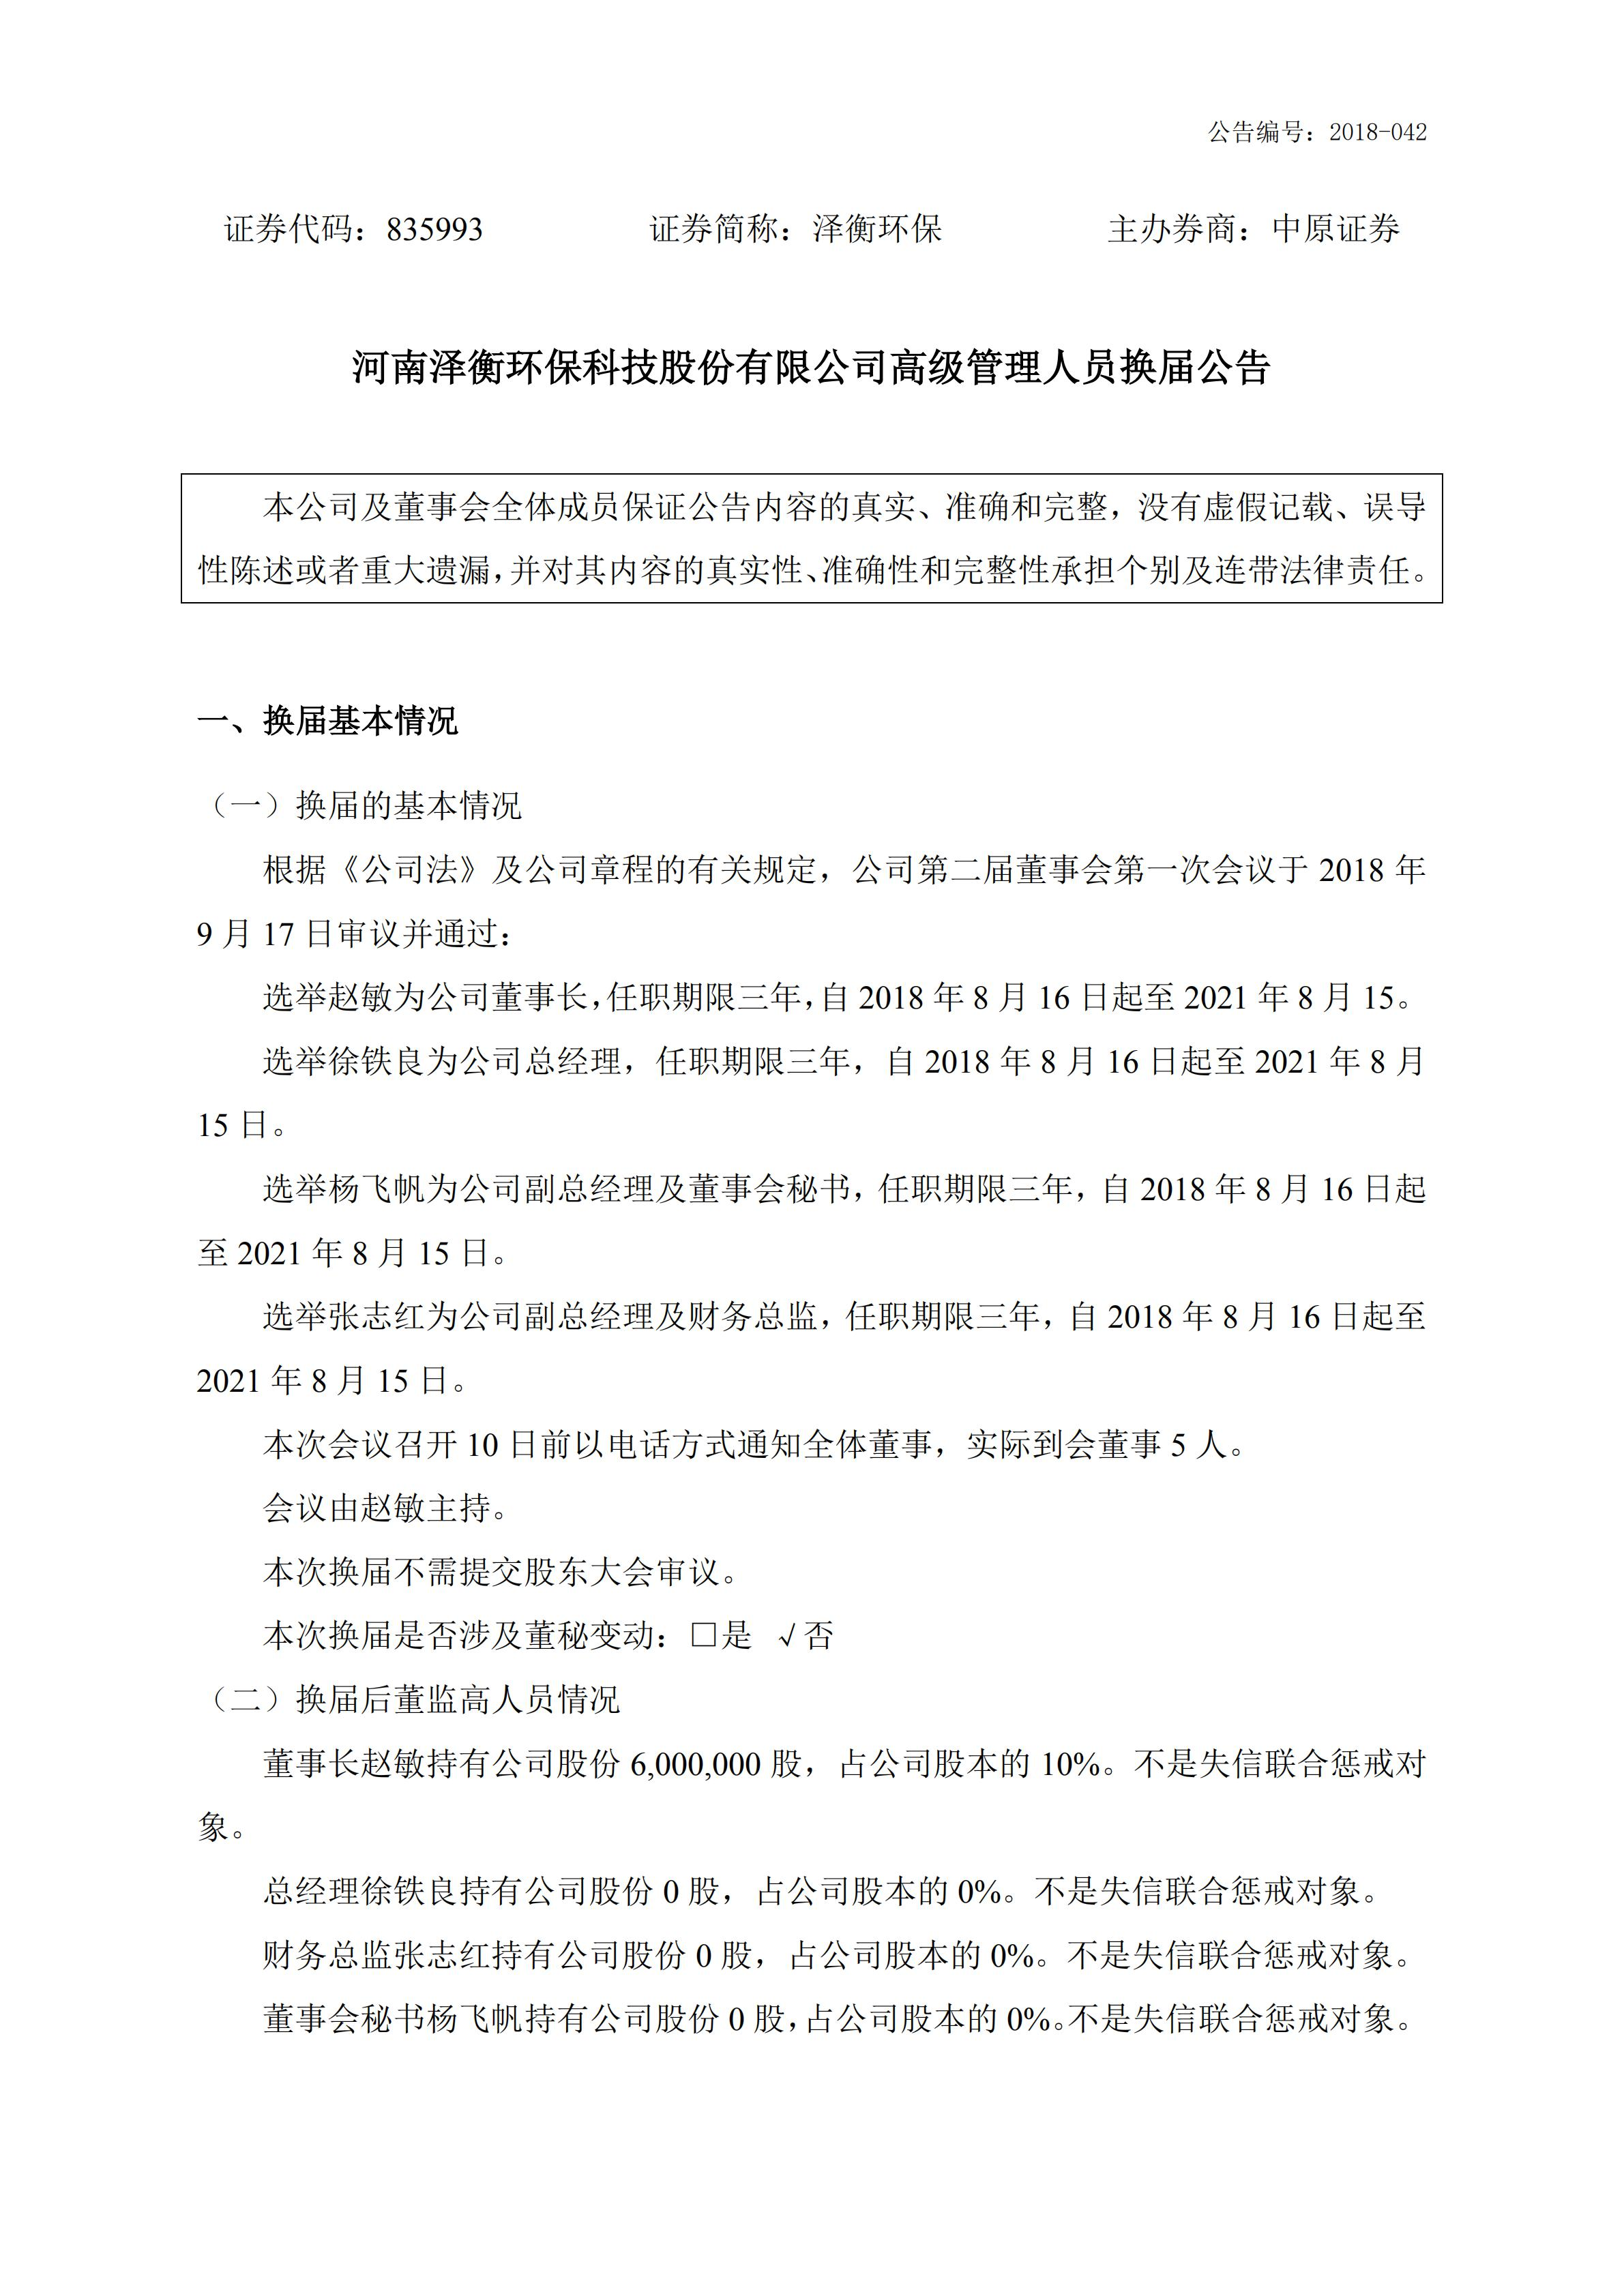 河南香蕉app下载视频污環保科技股份有限公司高級管理人員換屆公告